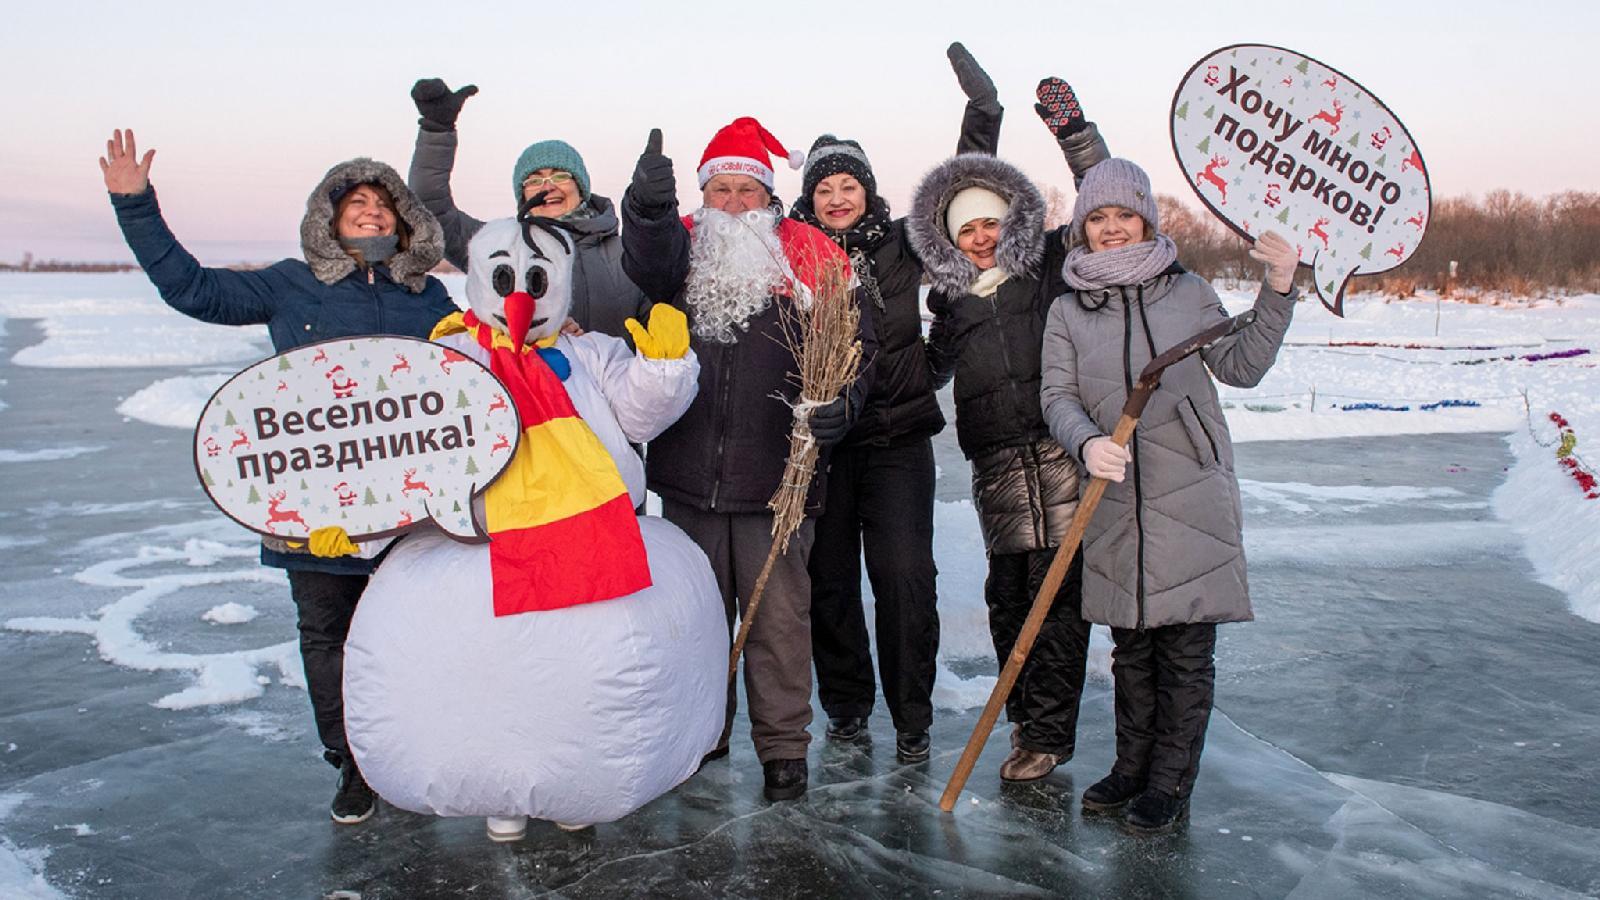 Праздник ледовой открытки в селе Марково. 21 декабря 2019 года